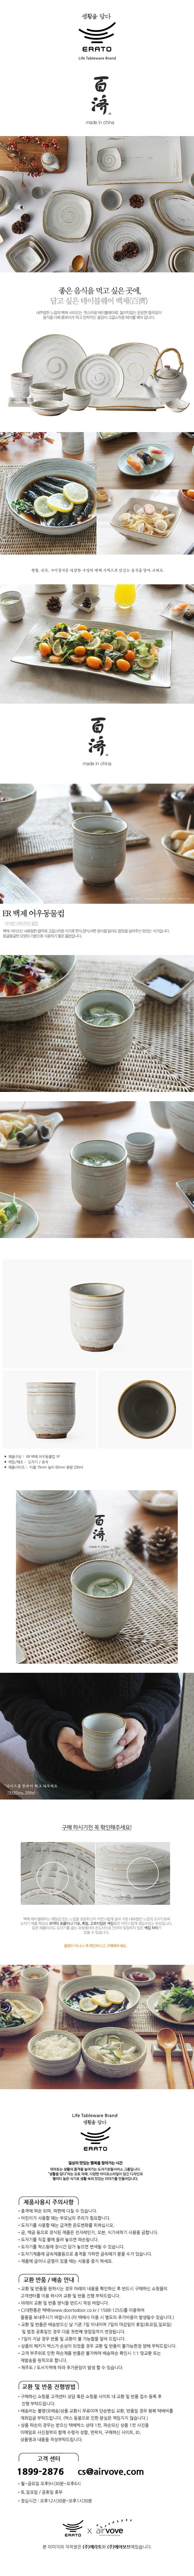 에라토 백제 어우동 물컵 B-0988 - 에라토, 2,800원, 머그컵, 일러스트머그